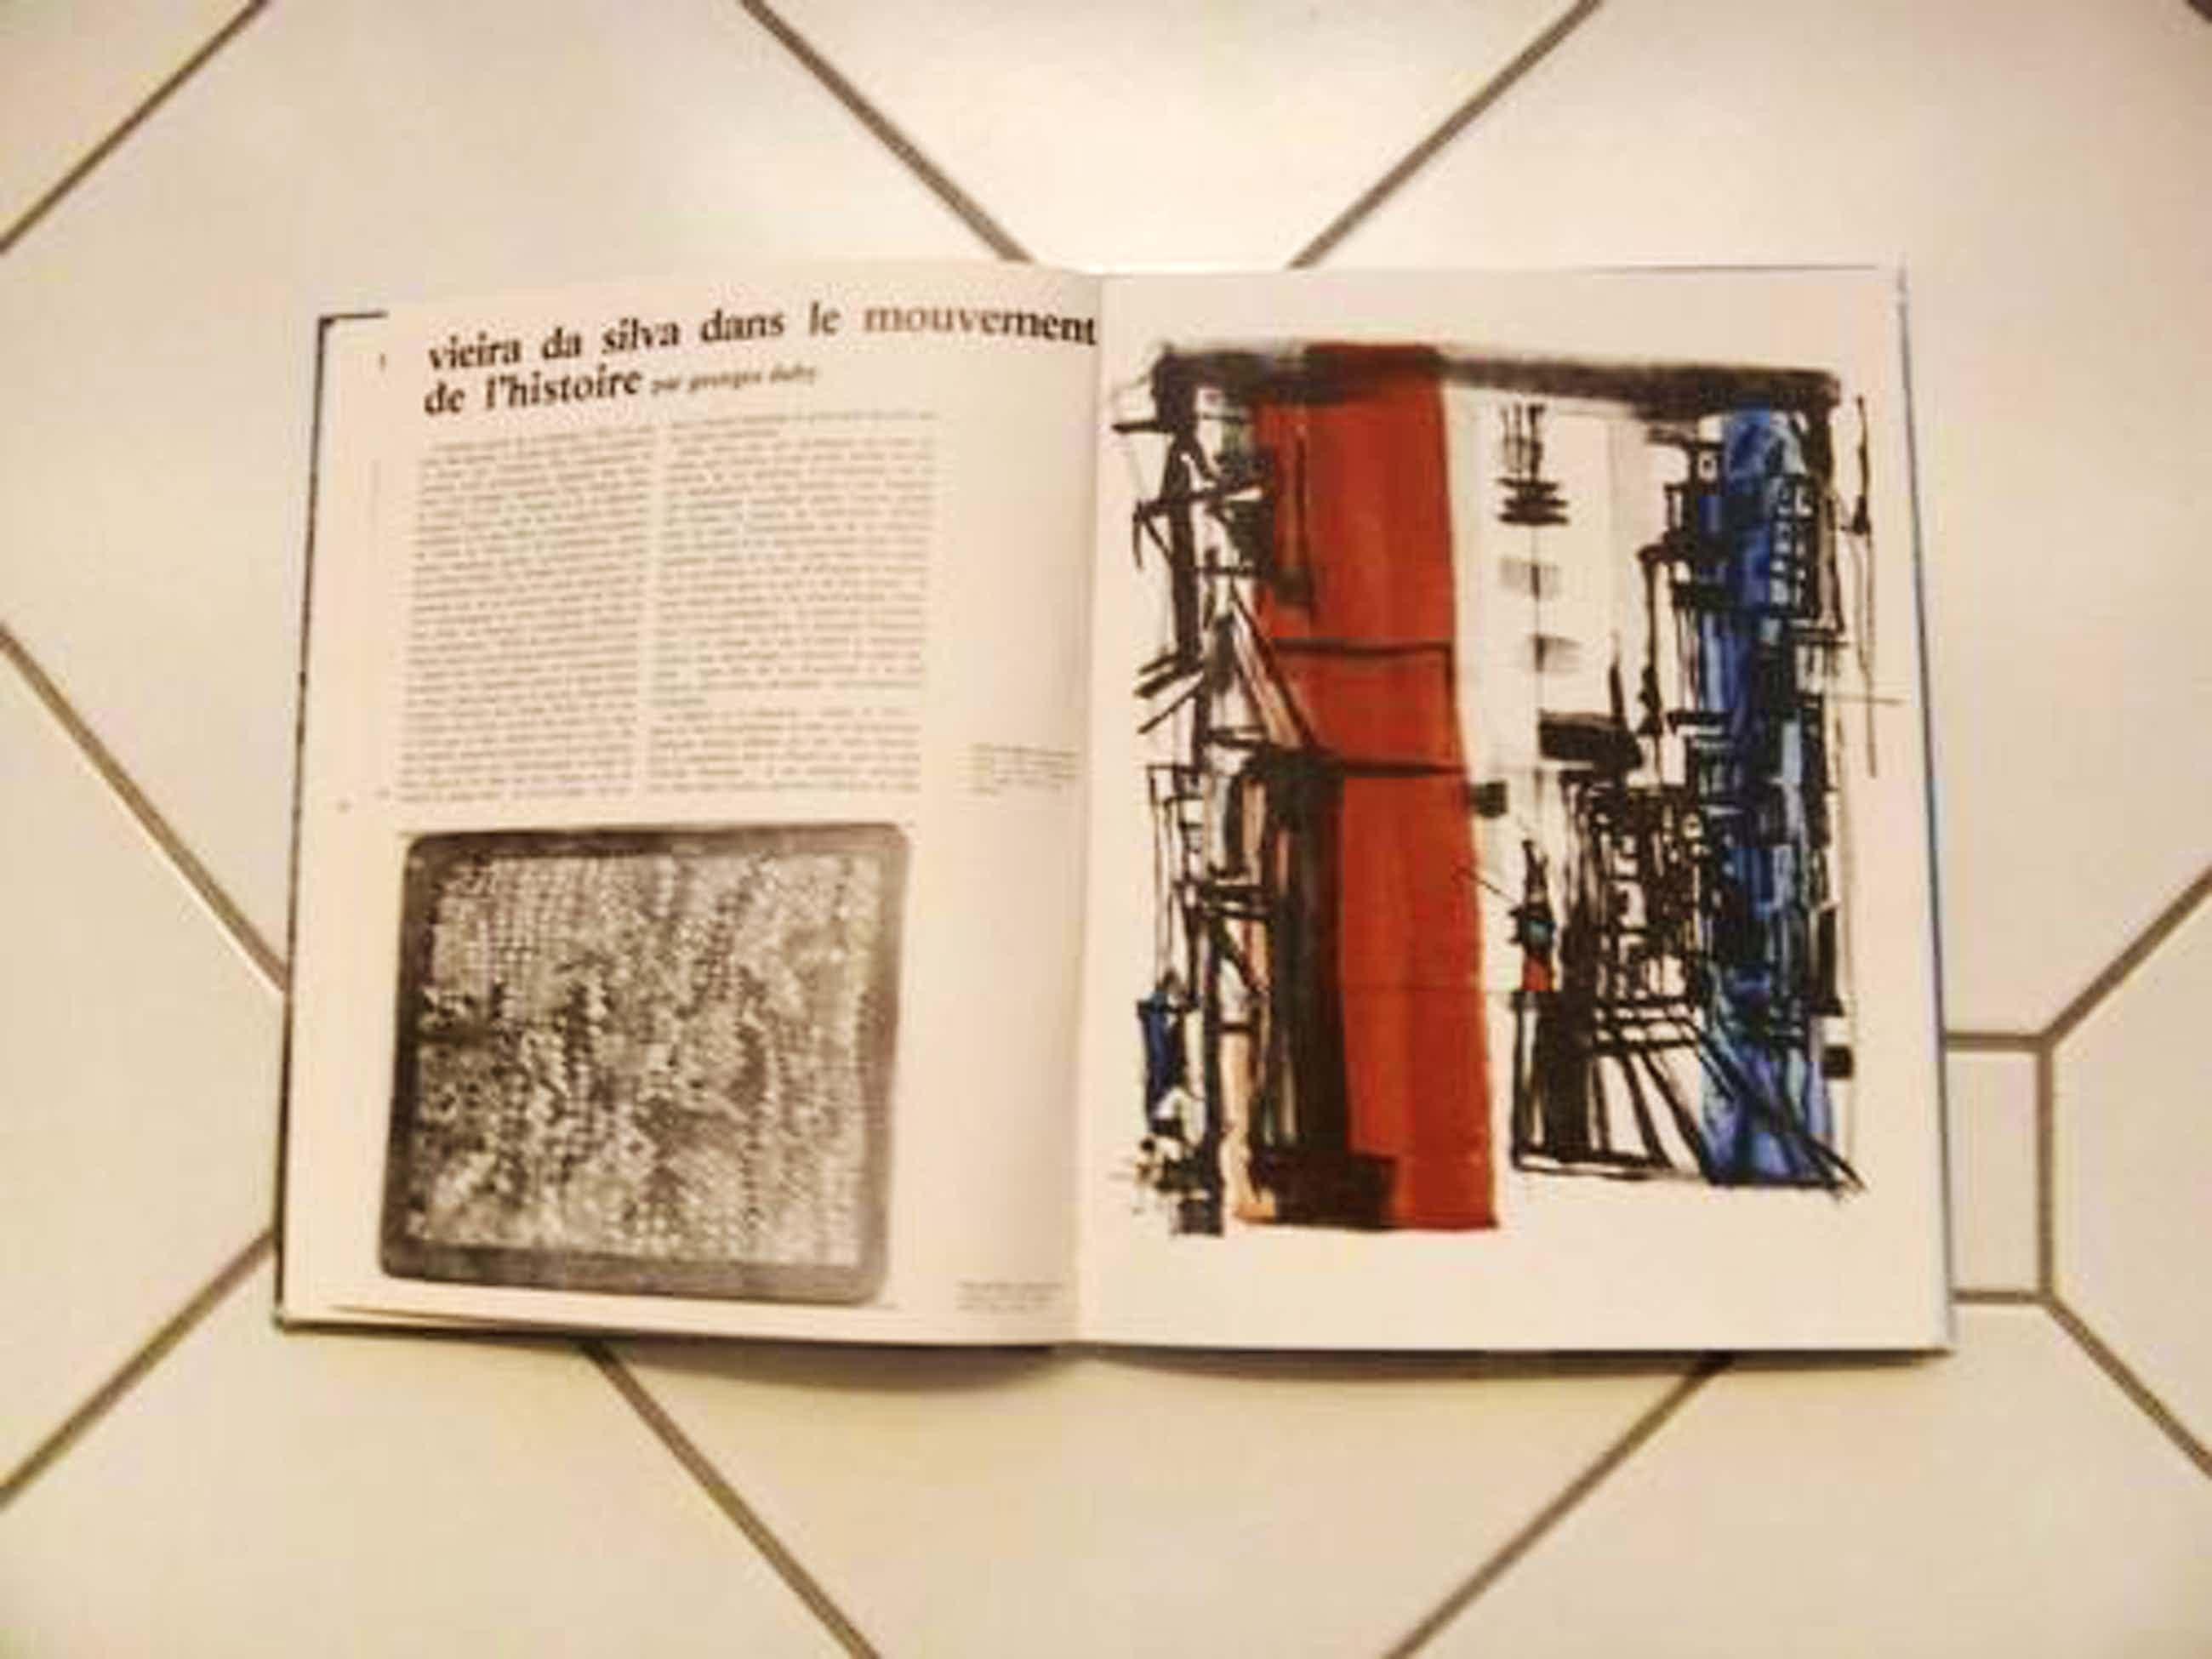 Maria Elena Vieira da Silva - XXe Siecle Panorama 77 ART TOTAL II XLVIII kopen? Bied vanaf 120!